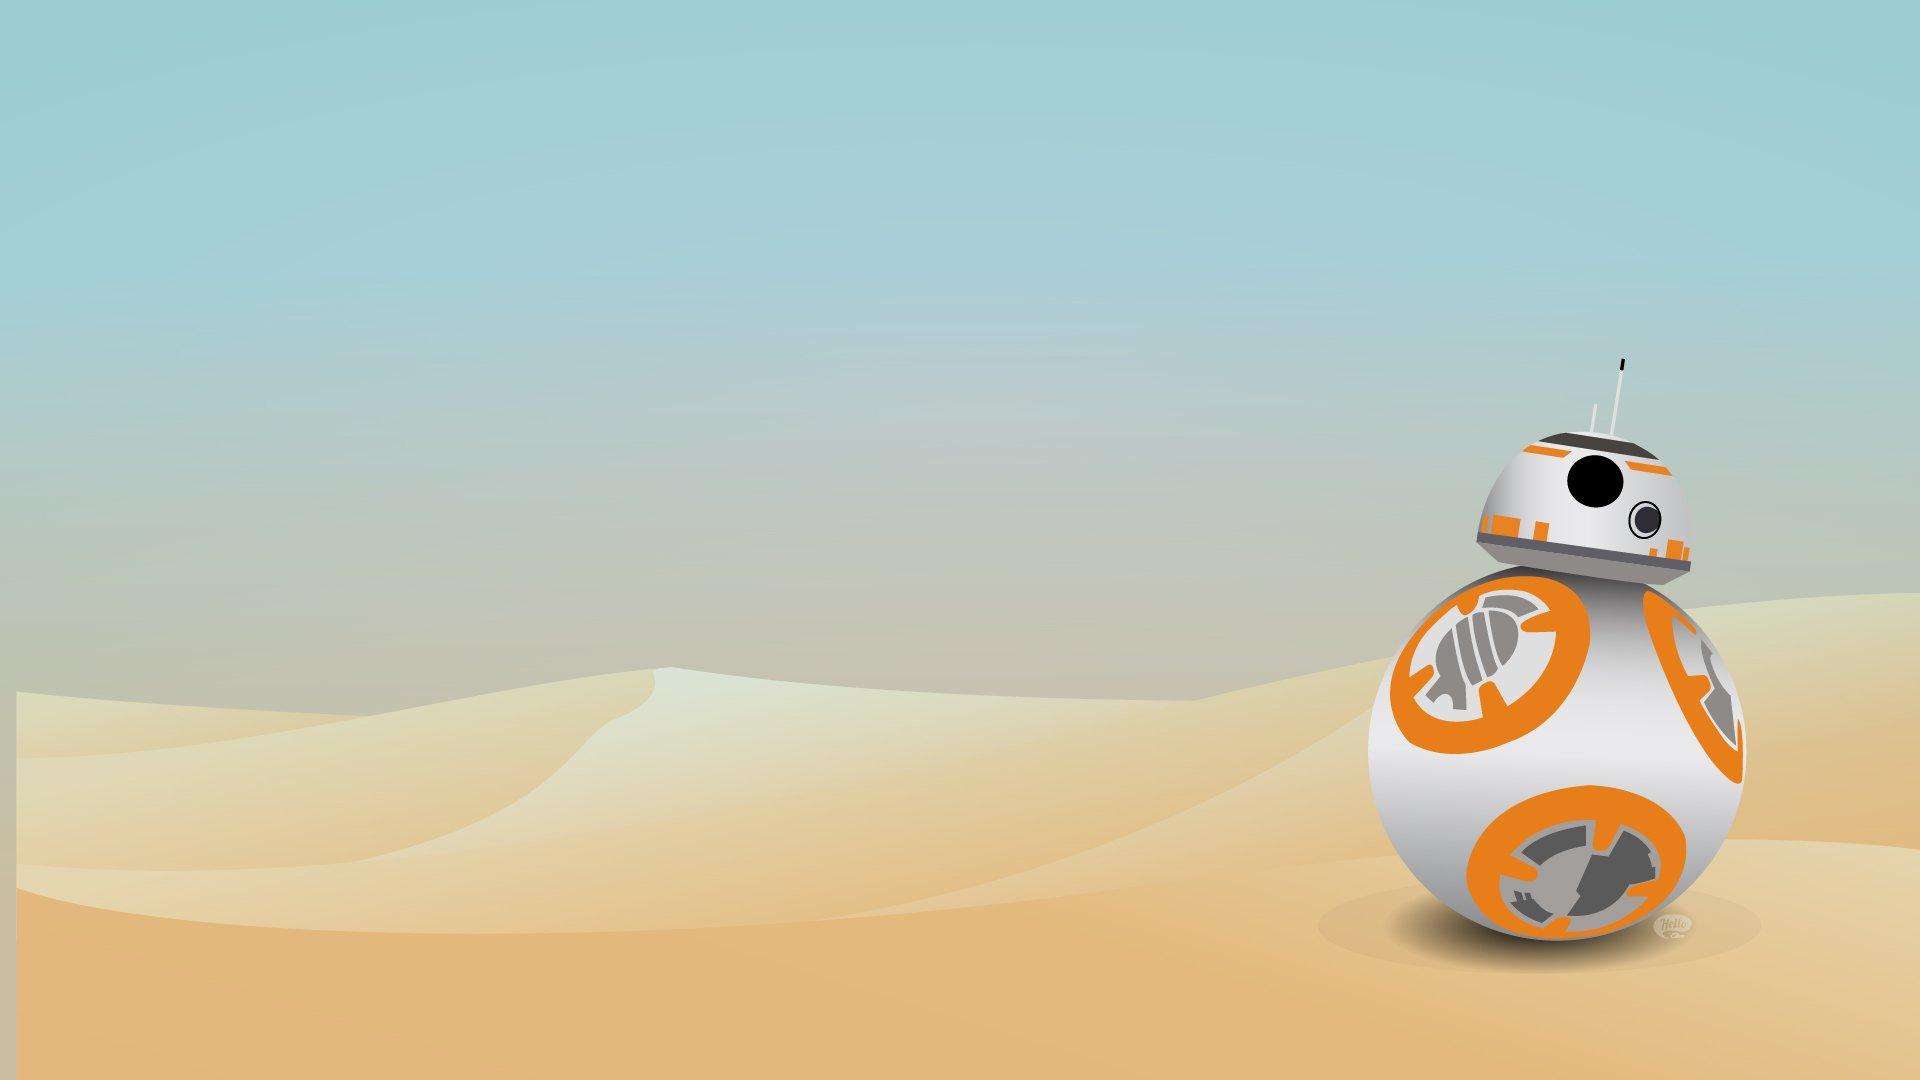 Free Download Elisa Vanhoucke Fond Dcran Star Wars Bb8